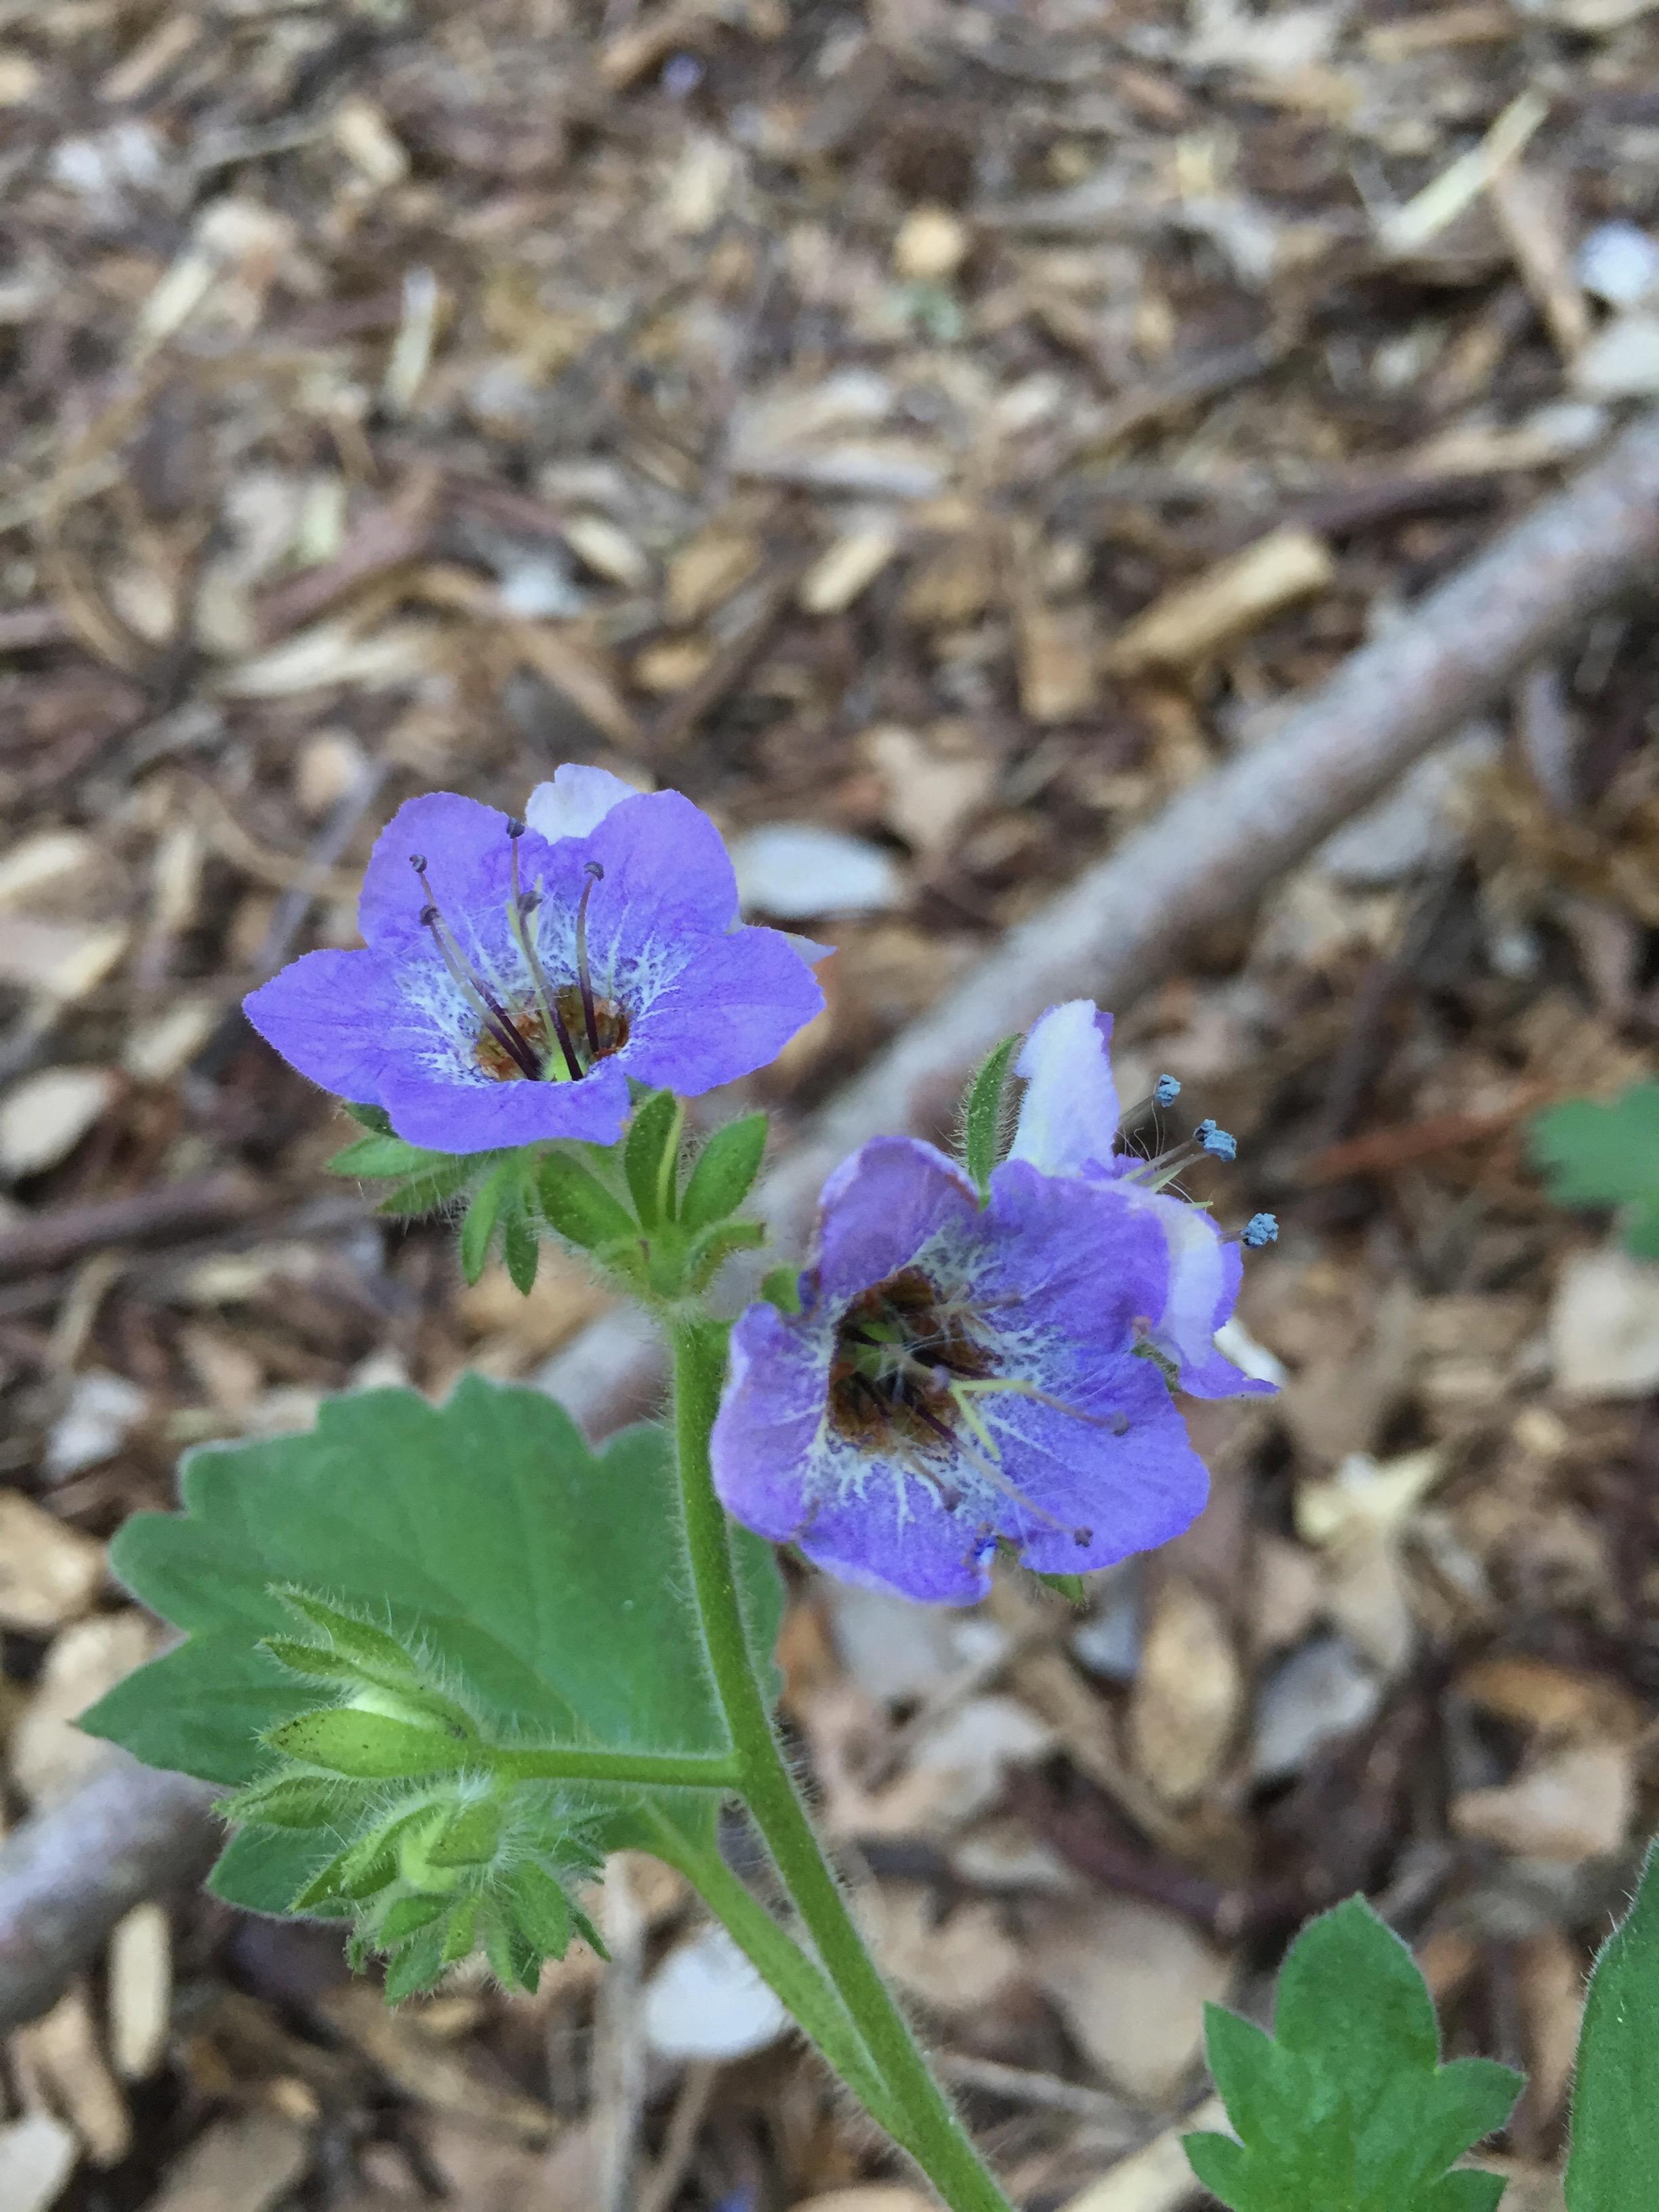 Phacelia bolanderi, or Woodland Phacelia